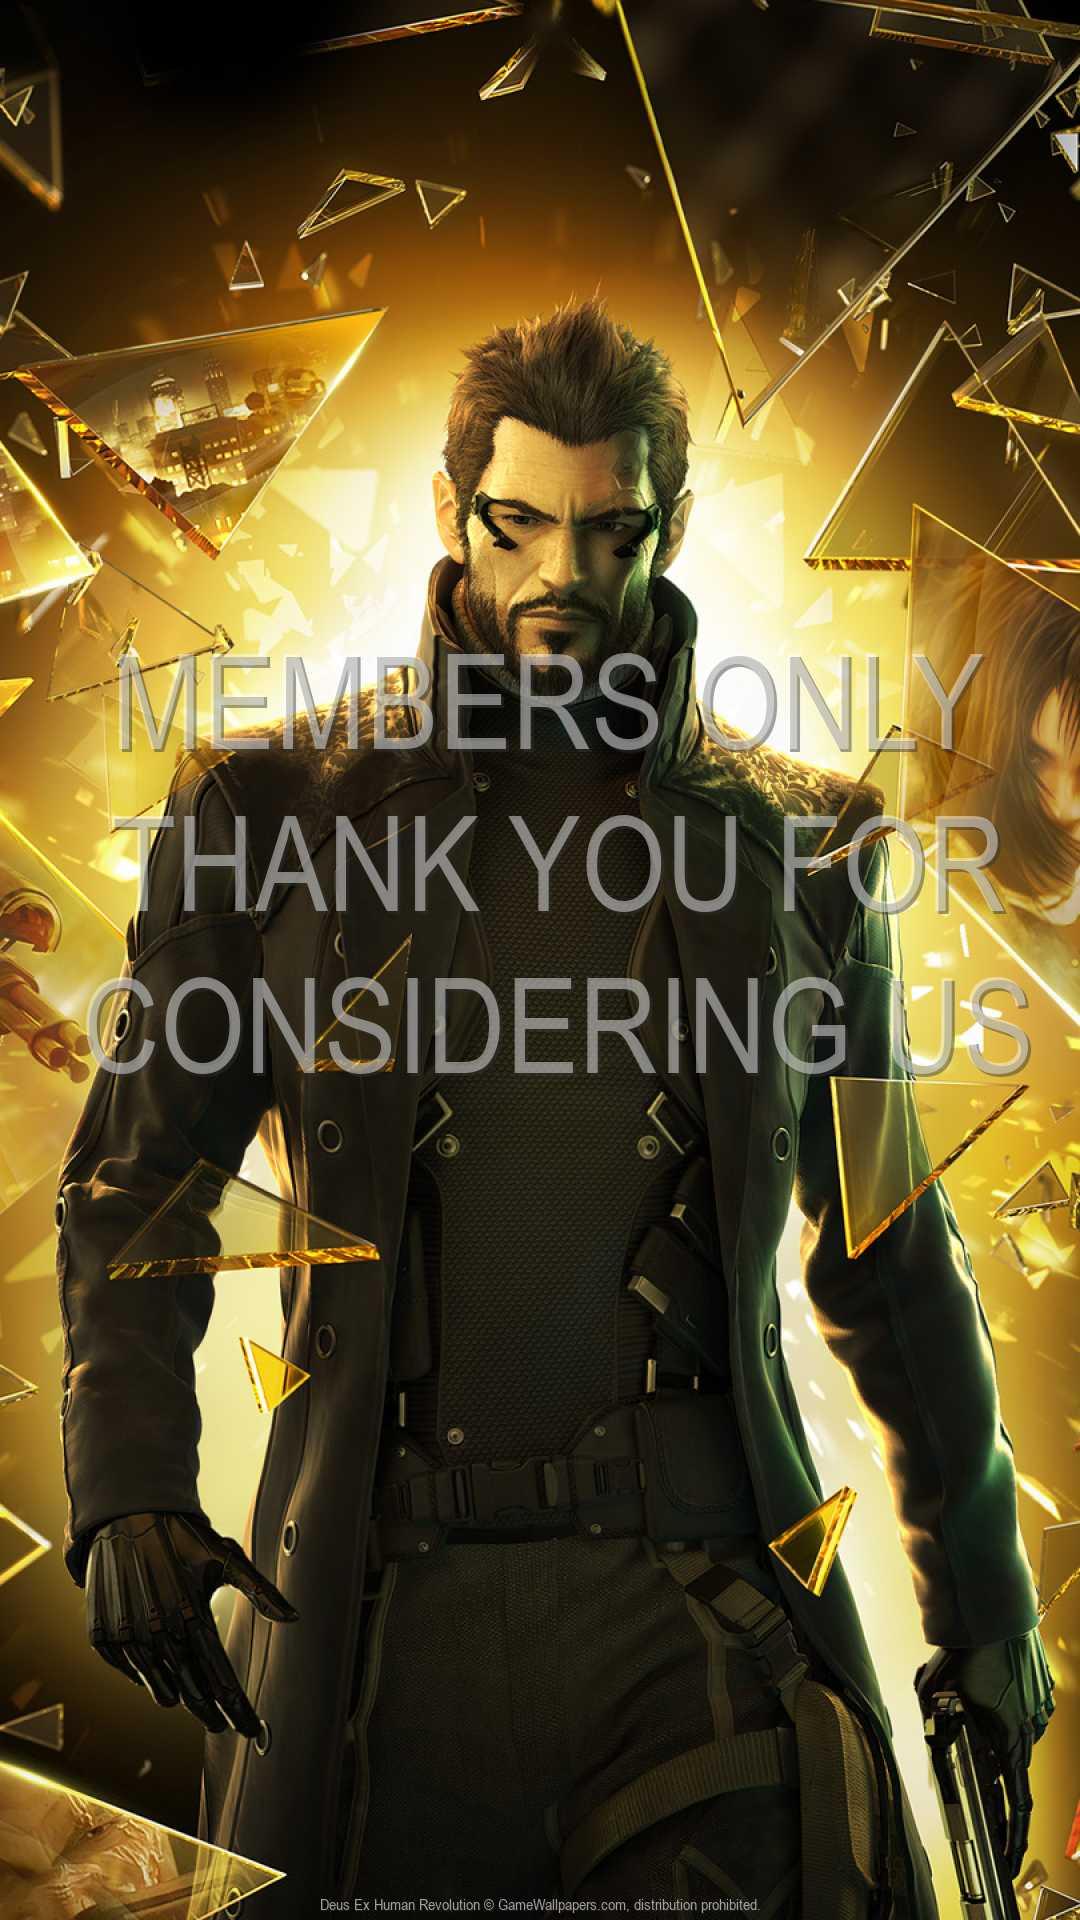 Deus Ex: Human Revolution 1080p Vertical Mobile fond d'écran 08